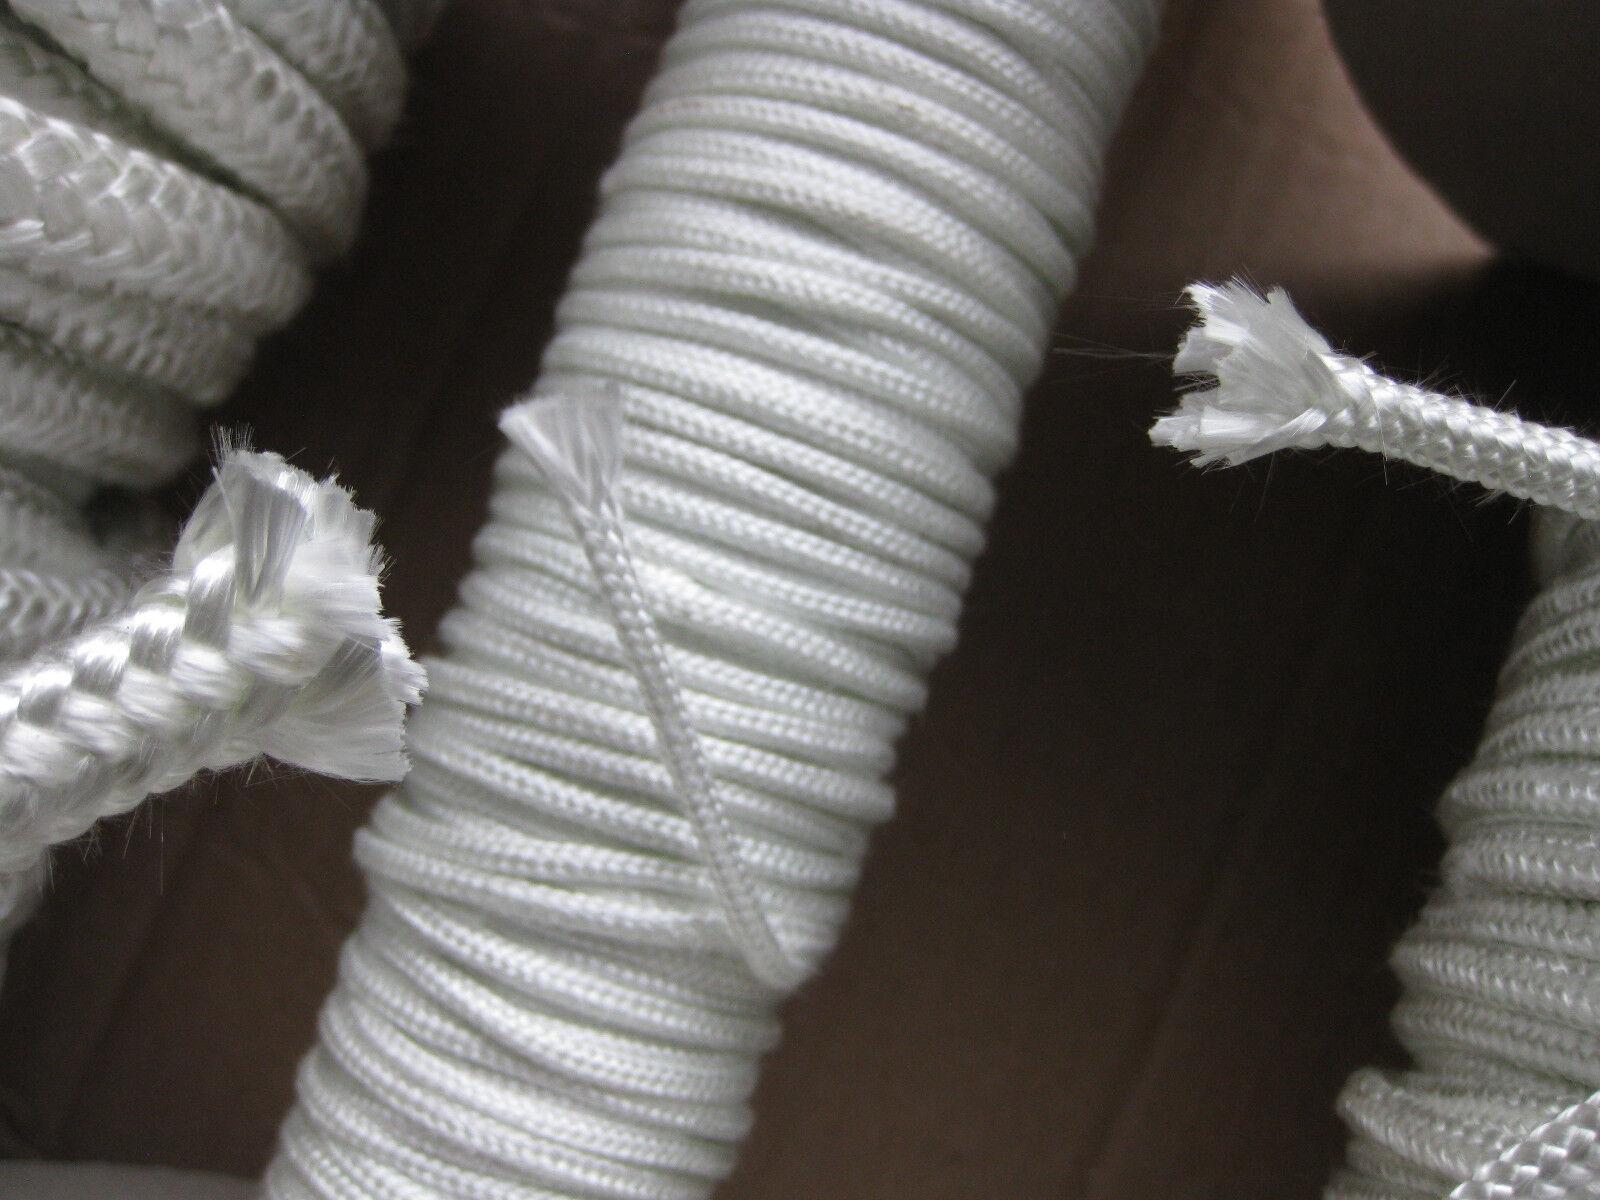 100% Glasfaser Docht reine Glasseide Glaslitze Öllampe Schmelzlicht Öllampe Glaslitze Spiritus 51c492